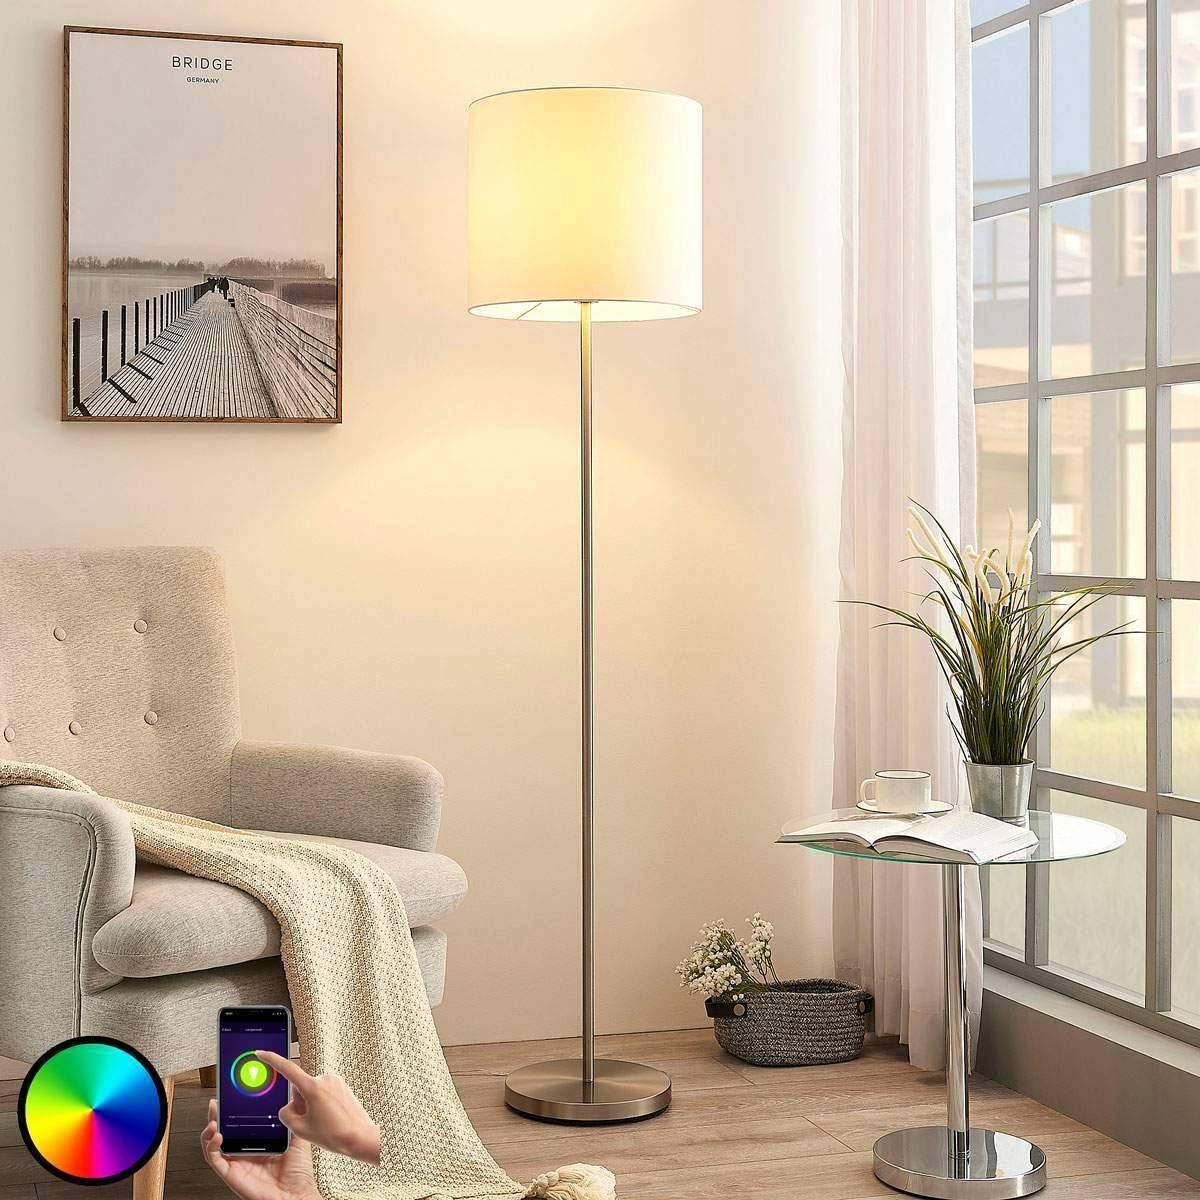 Full Size of Stehleuchte Wohnzimmer Dimmbar Moderne Stehleuchten Modern Led Stehlampe Stehlampen Gardinen Für Relaxliege Tisch Bilder Deckenleuchten Liege Lampen Wohnzimmer Moderne Stehlampe Wohnzimmer